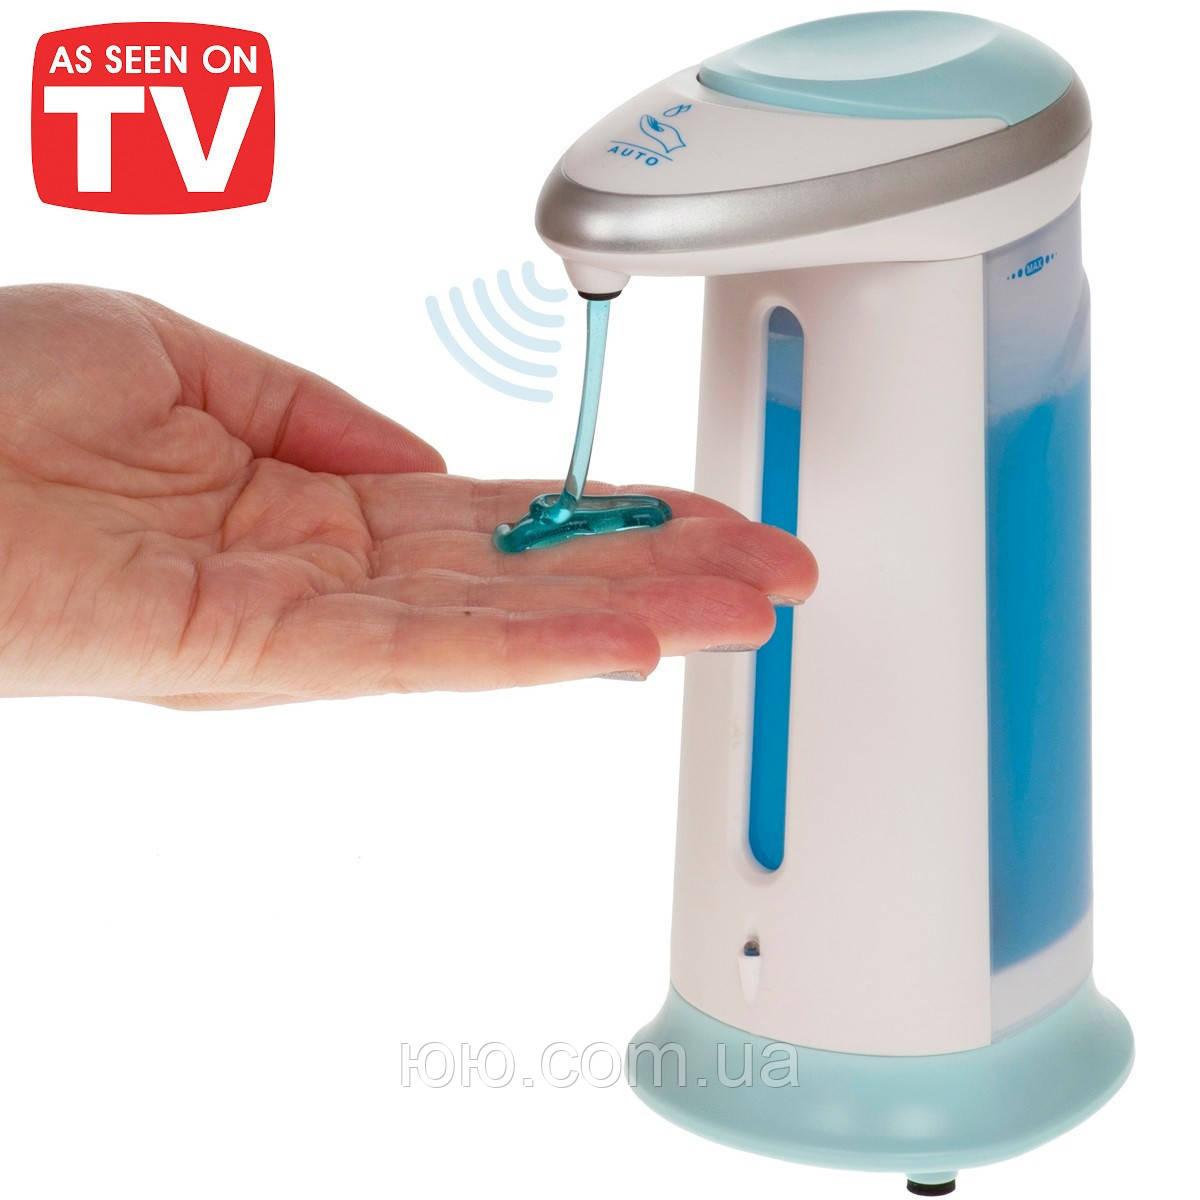 Дозатор для мыла сенсорный Soap Magic